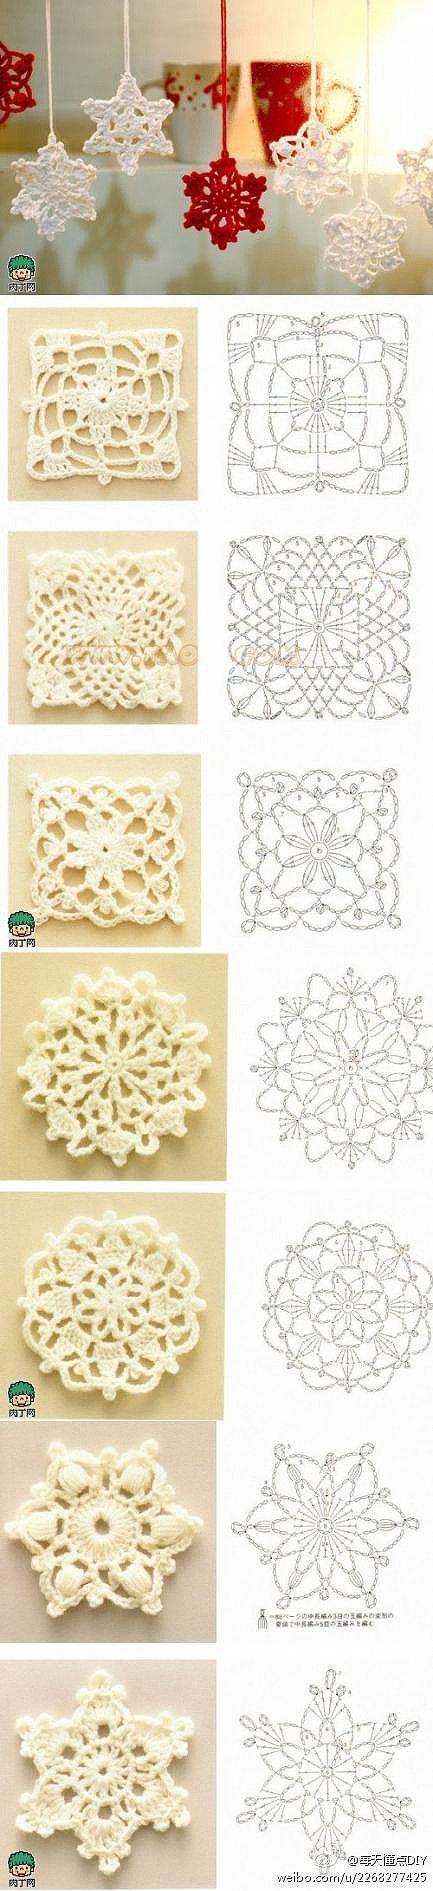 rosetas em crochet | crochet | Pinterest | Patrón de ganchillo ...